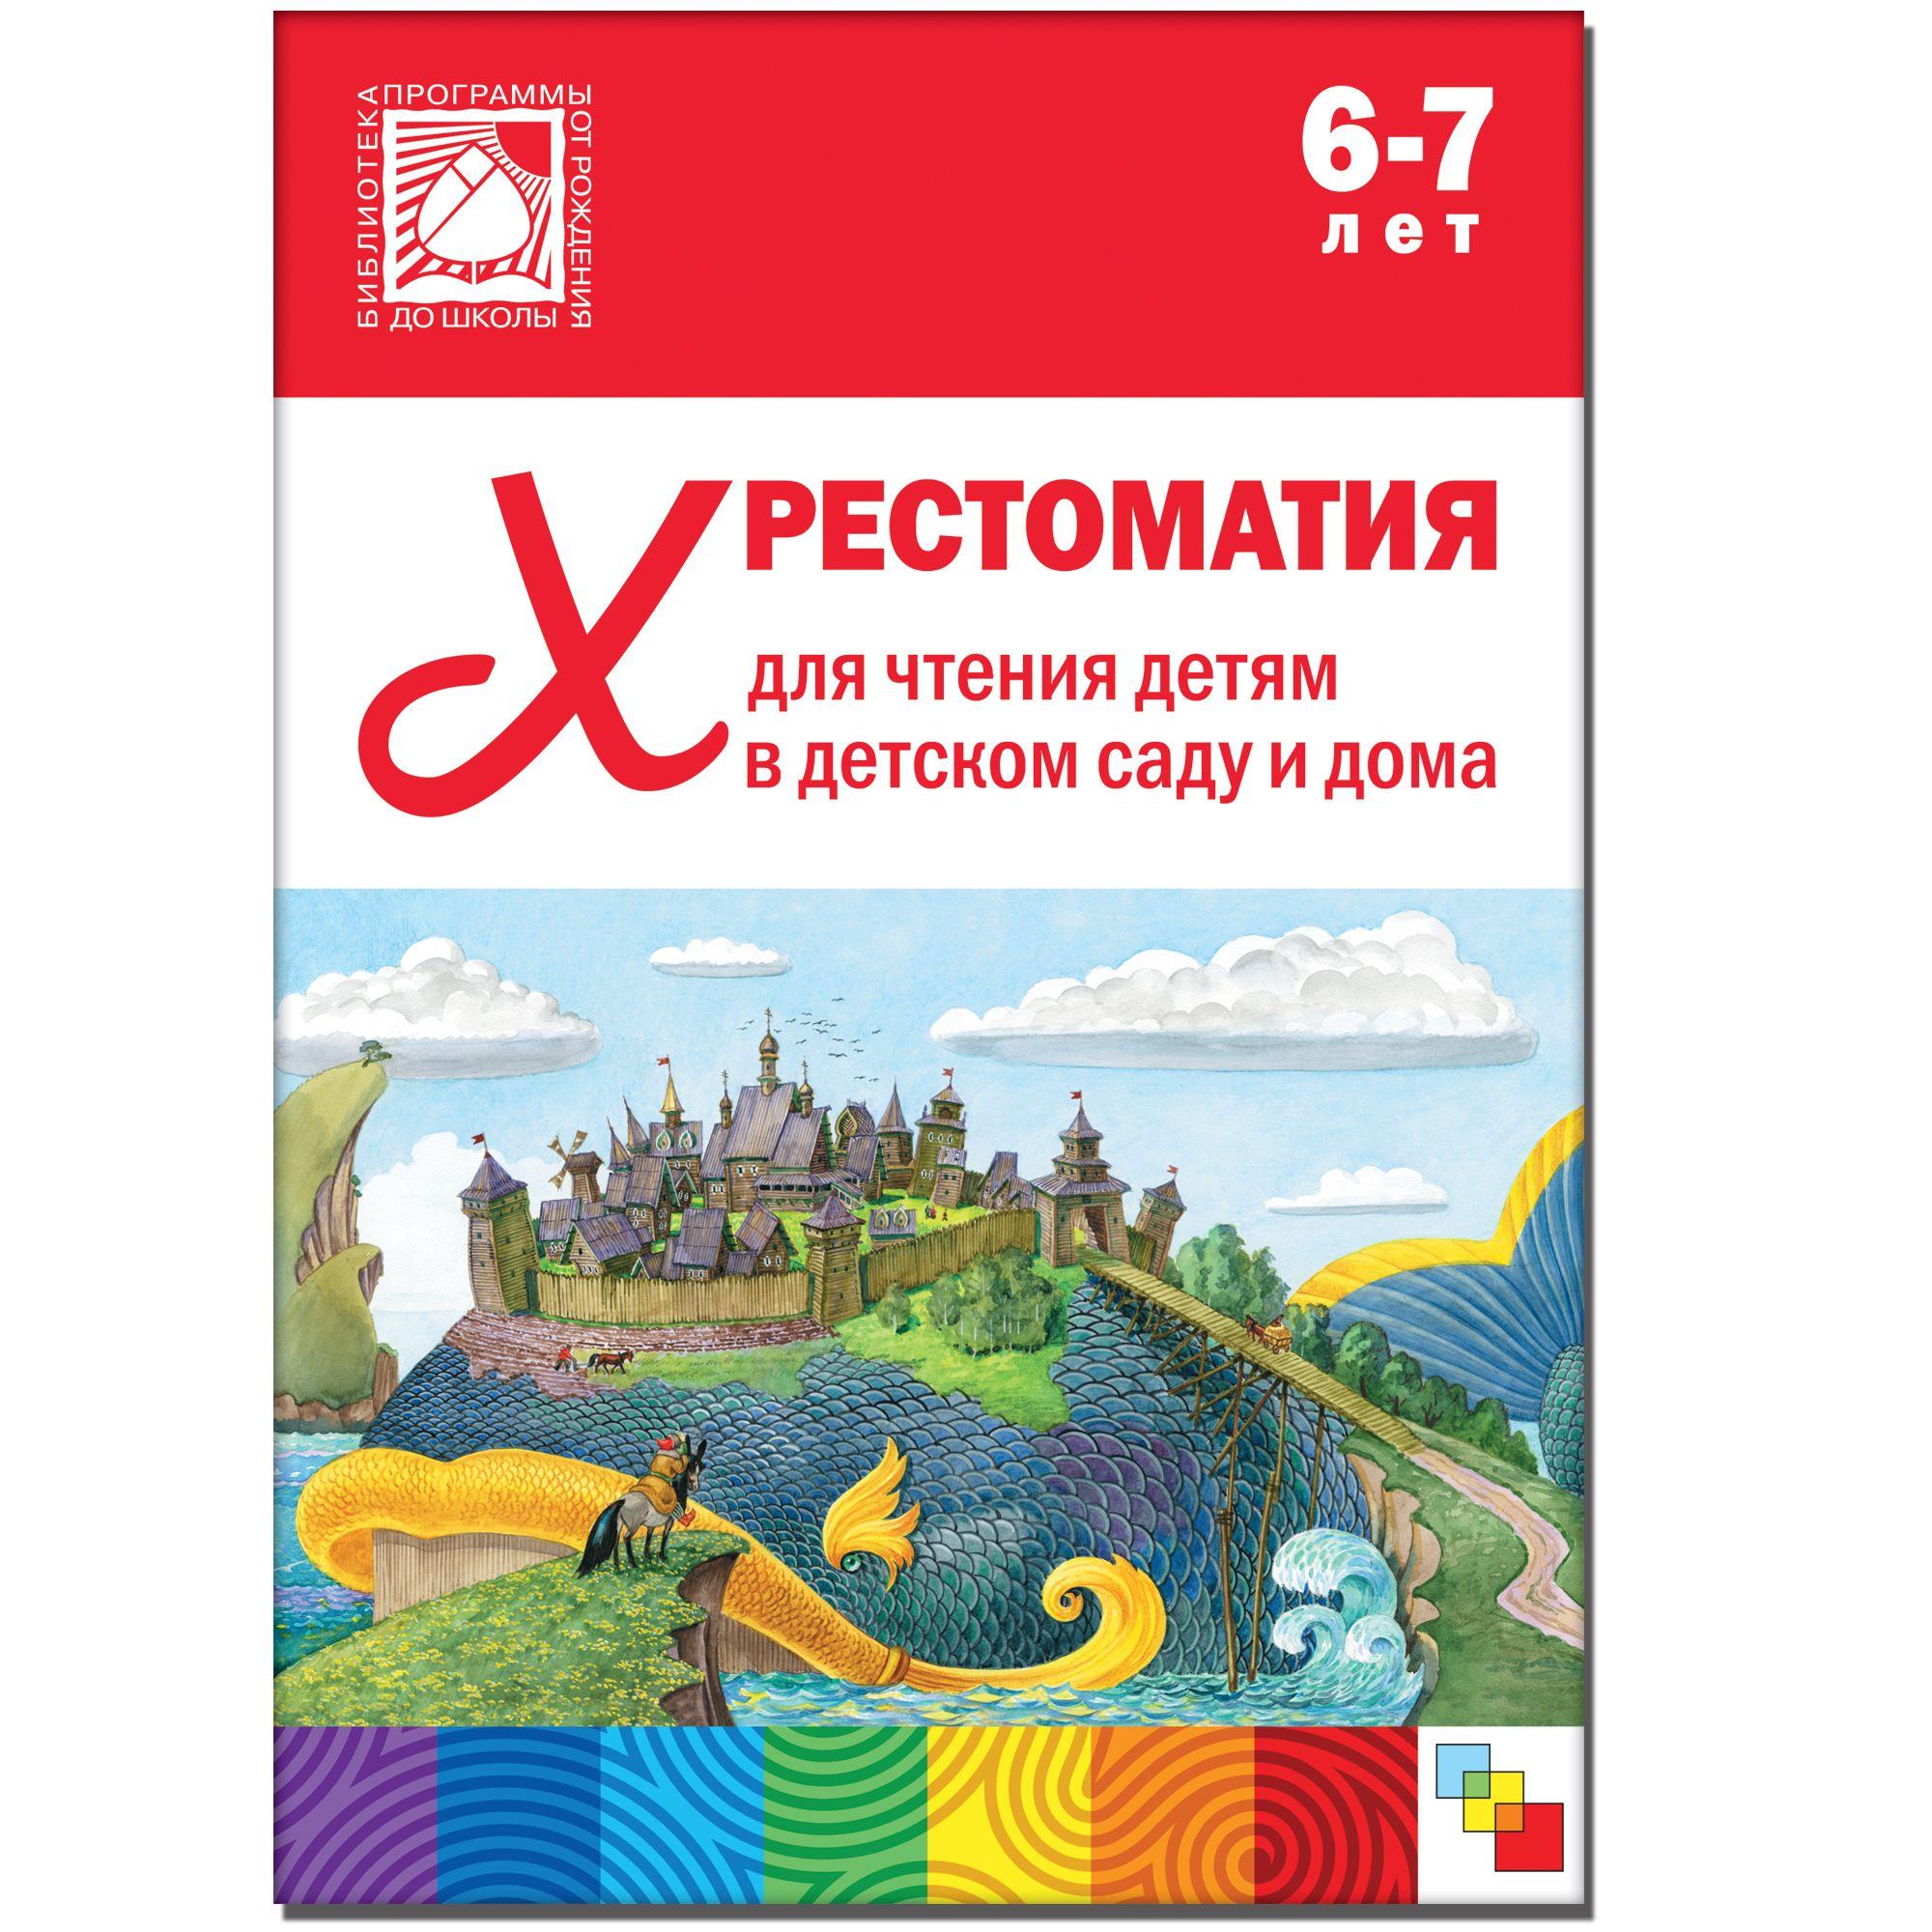 Хрестоматия для чтения детям в детском саду и дома. 6-7 лет ФГОС